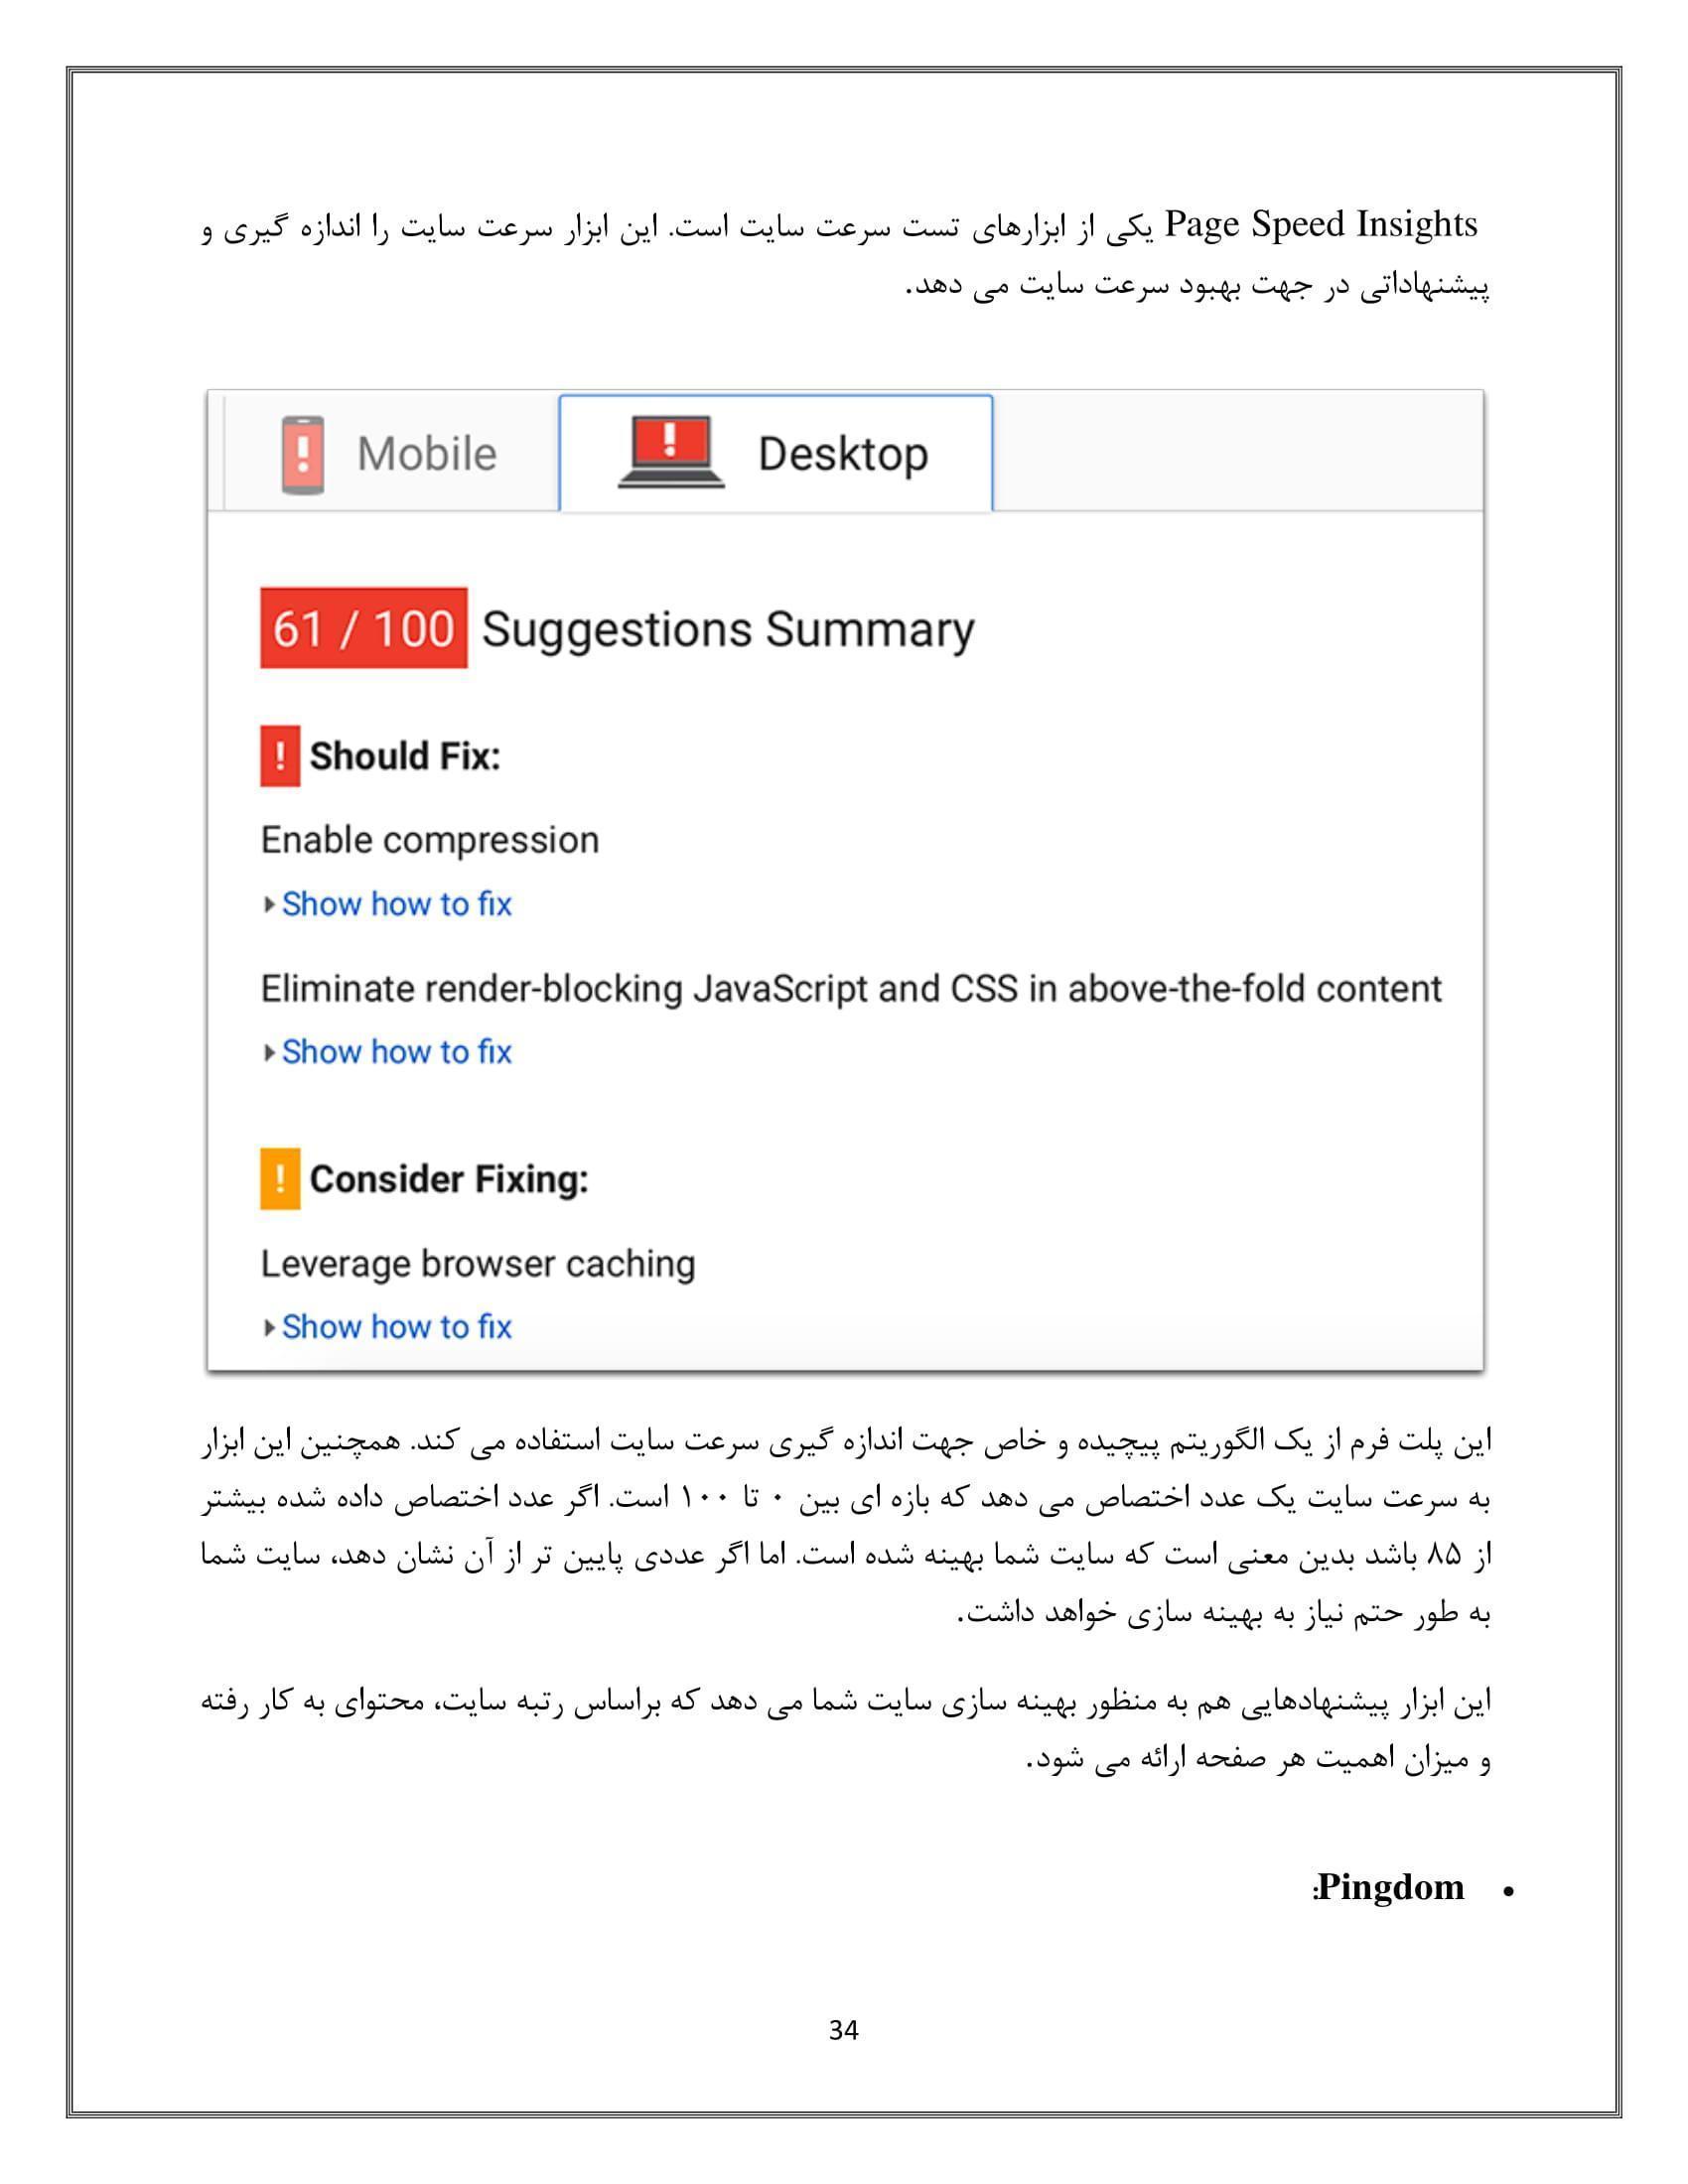 رنکینگ گوگل,فاکتورهای رنکینگ گوگل,فاکتورهای رنکینگ گوگل pdf